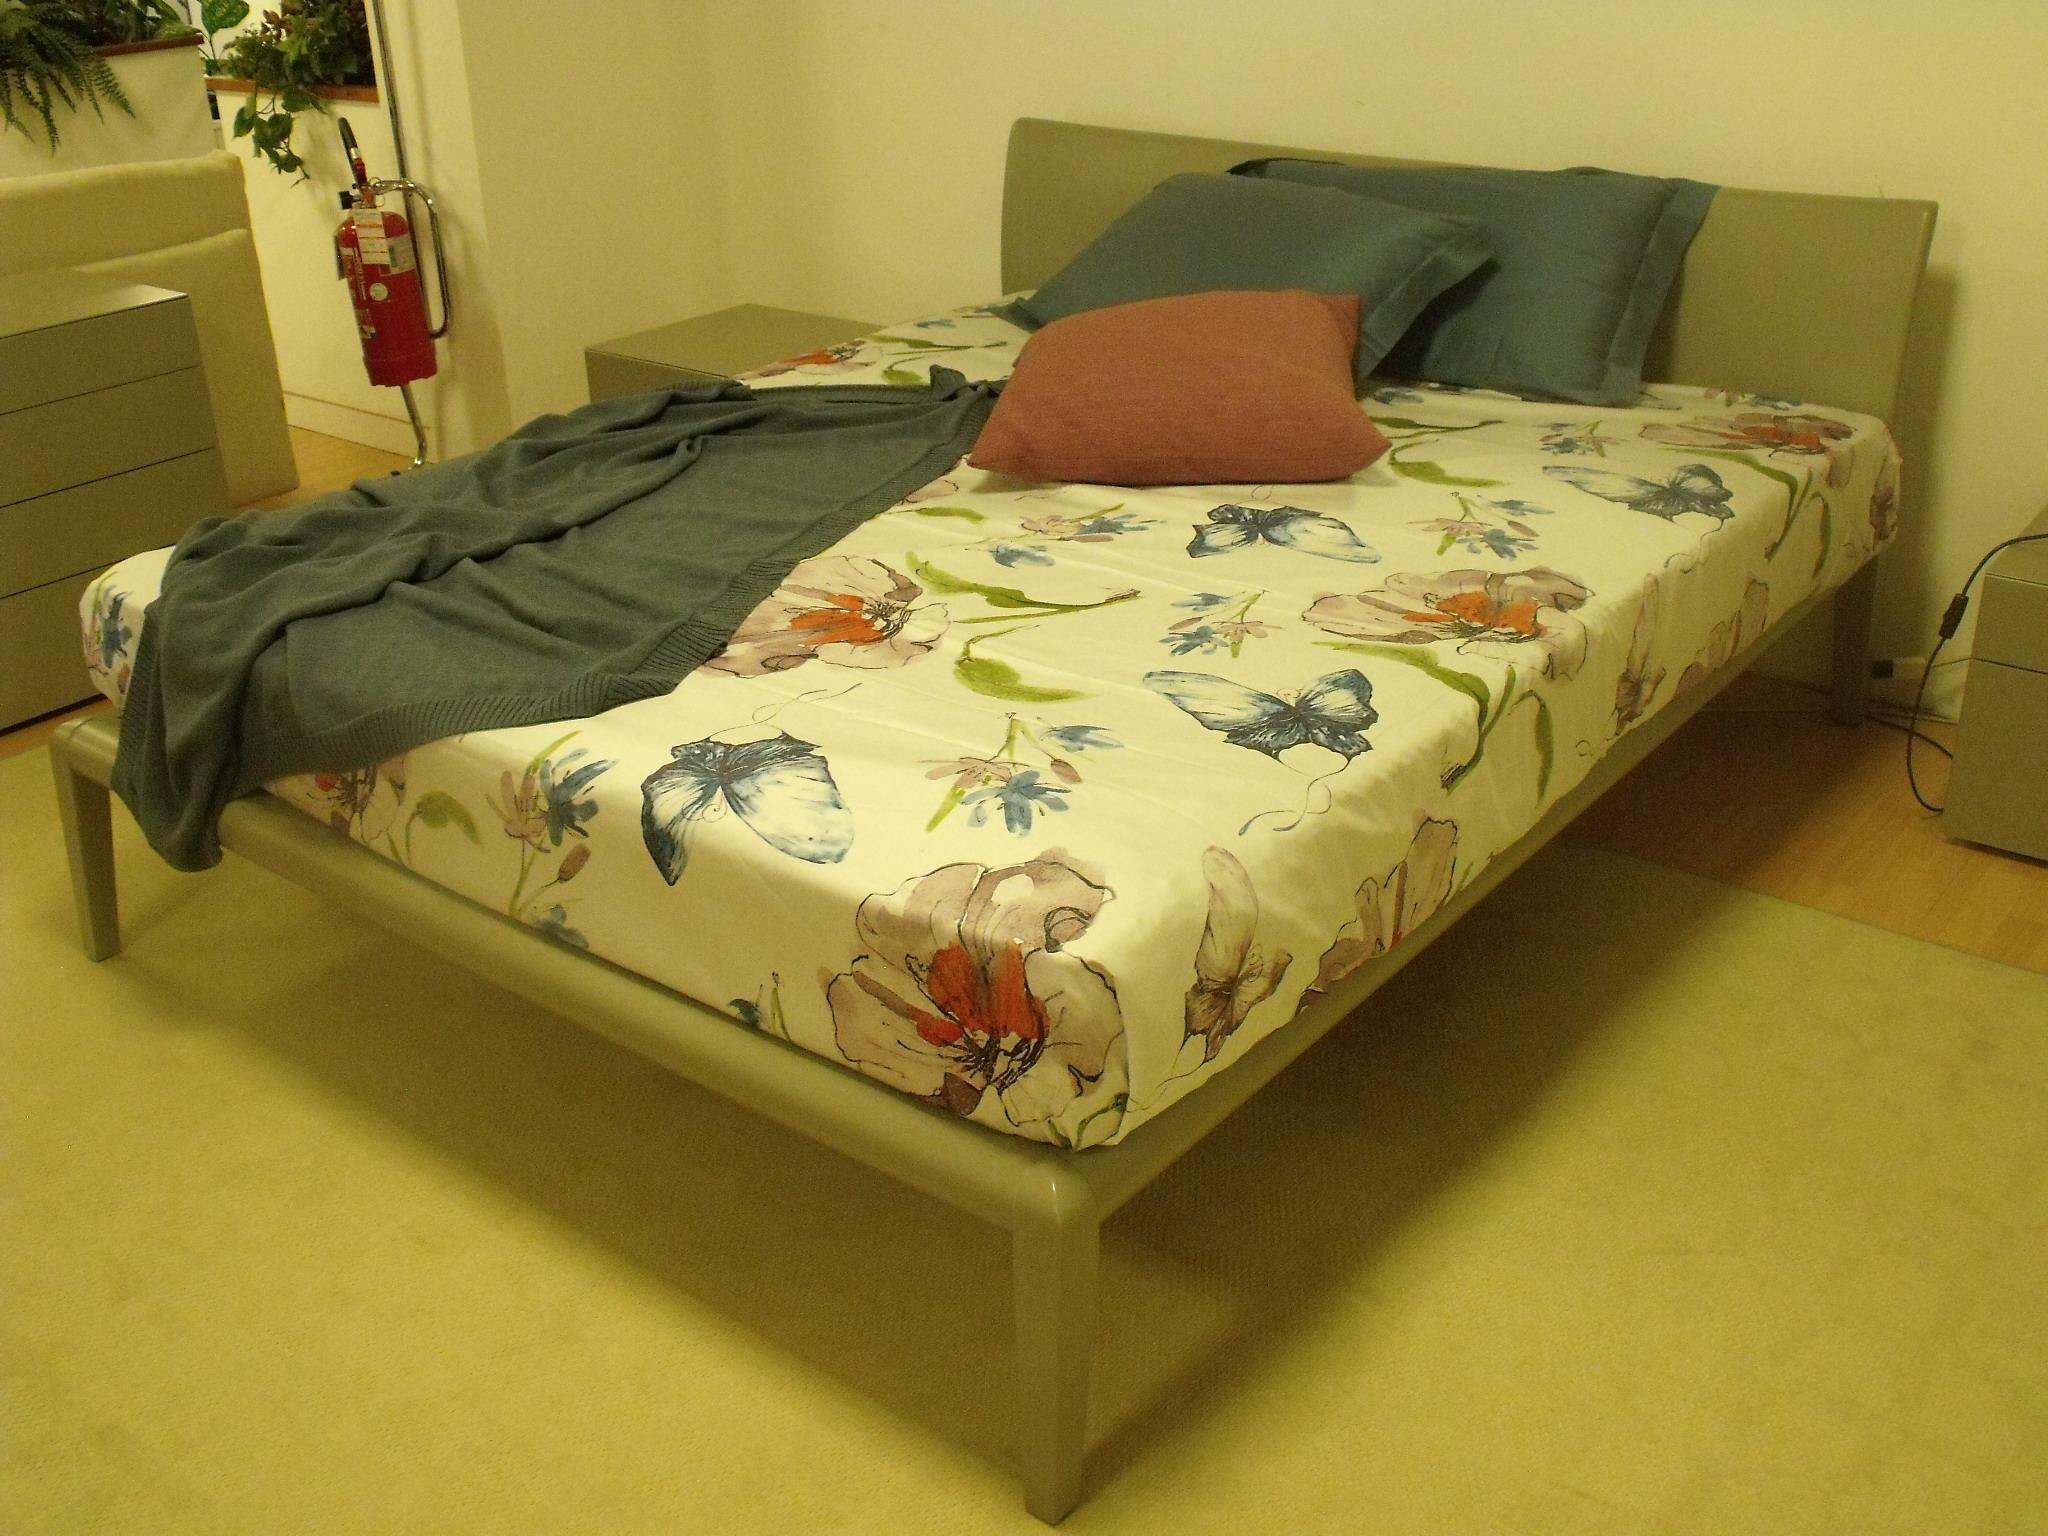 Camere da letto poliform gruppo notte kelly di poliform for Chinaglia arredamenti